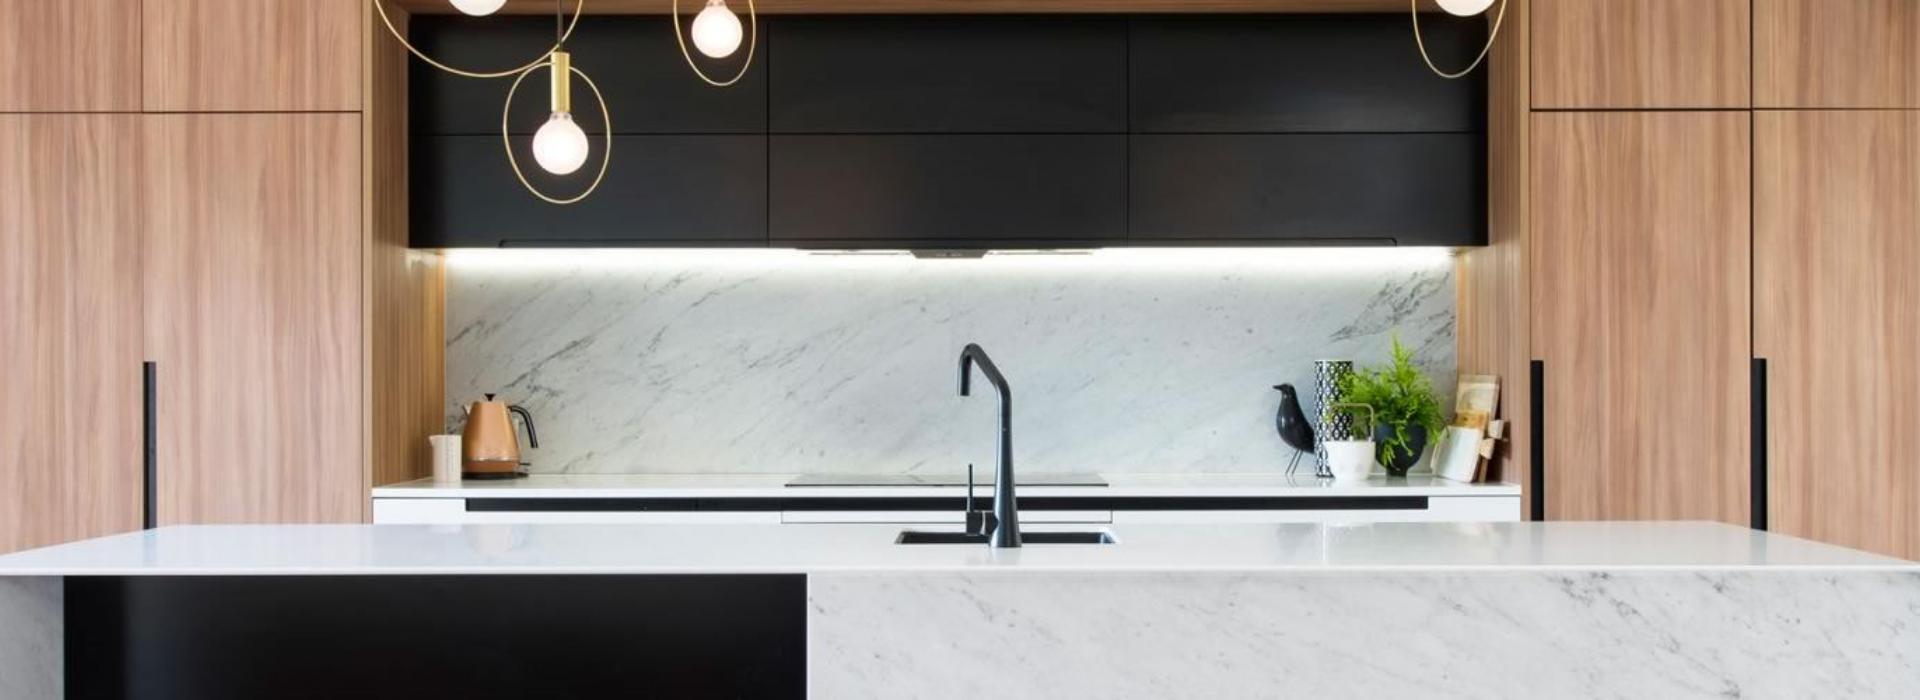 Kitchen Design Layout